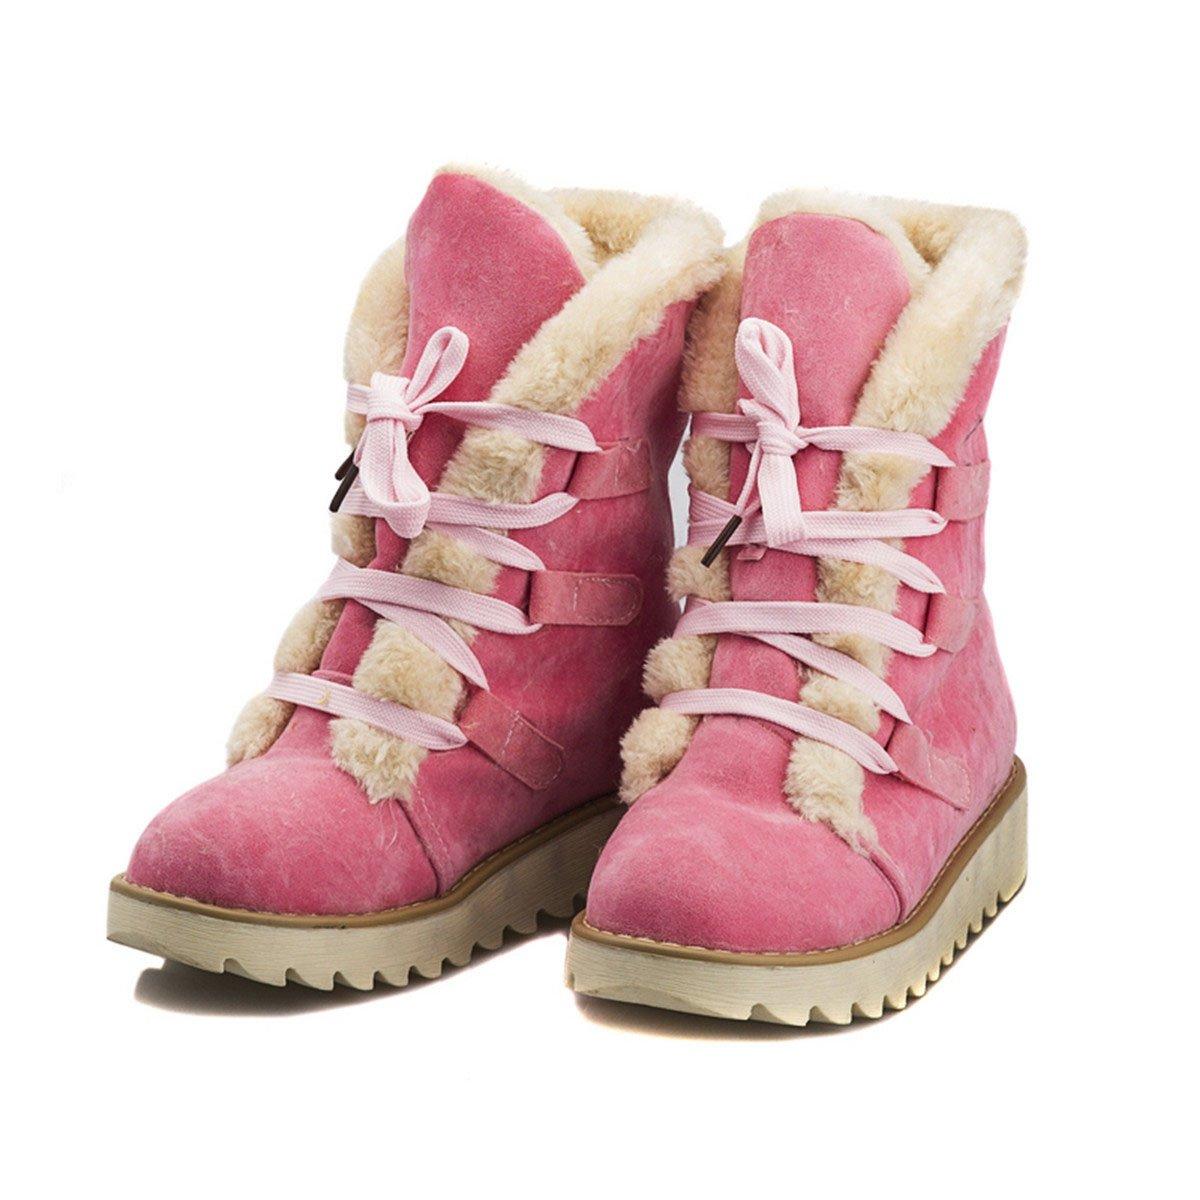 Homiki Damenstiefel Round Toe Flach HalbschaftStiefeletten Schlupfstiefel Plateauschuhe Wolle Schnürsenkel Pink 39 cVhoG3